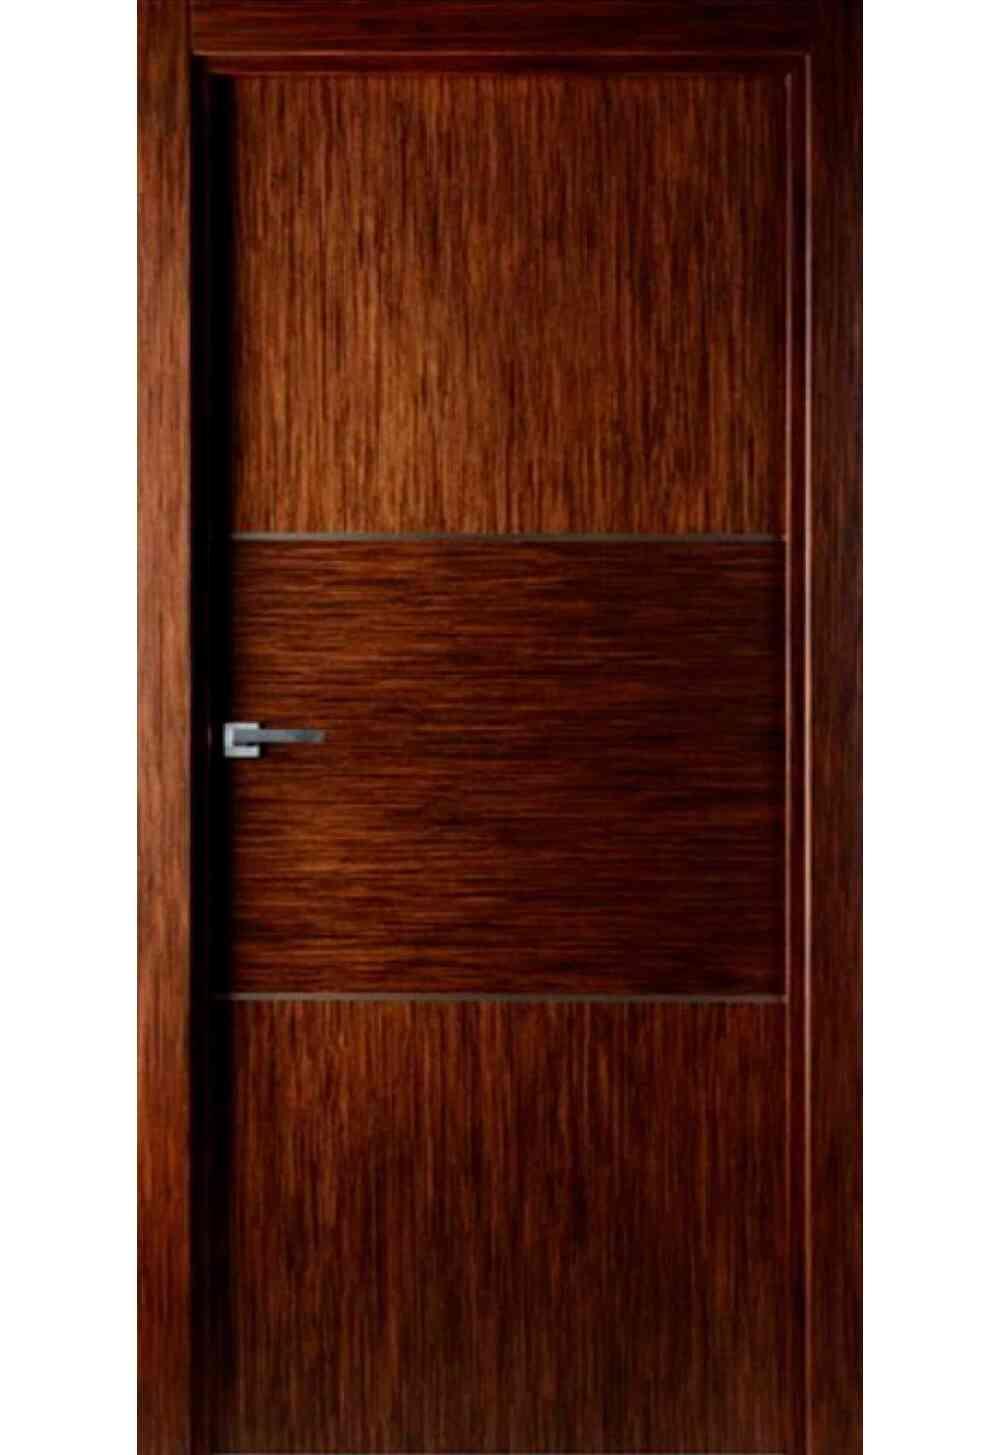 Купити Двері міжкімнатні FADO Plato 1309 _дуб мілано_, 860x2020